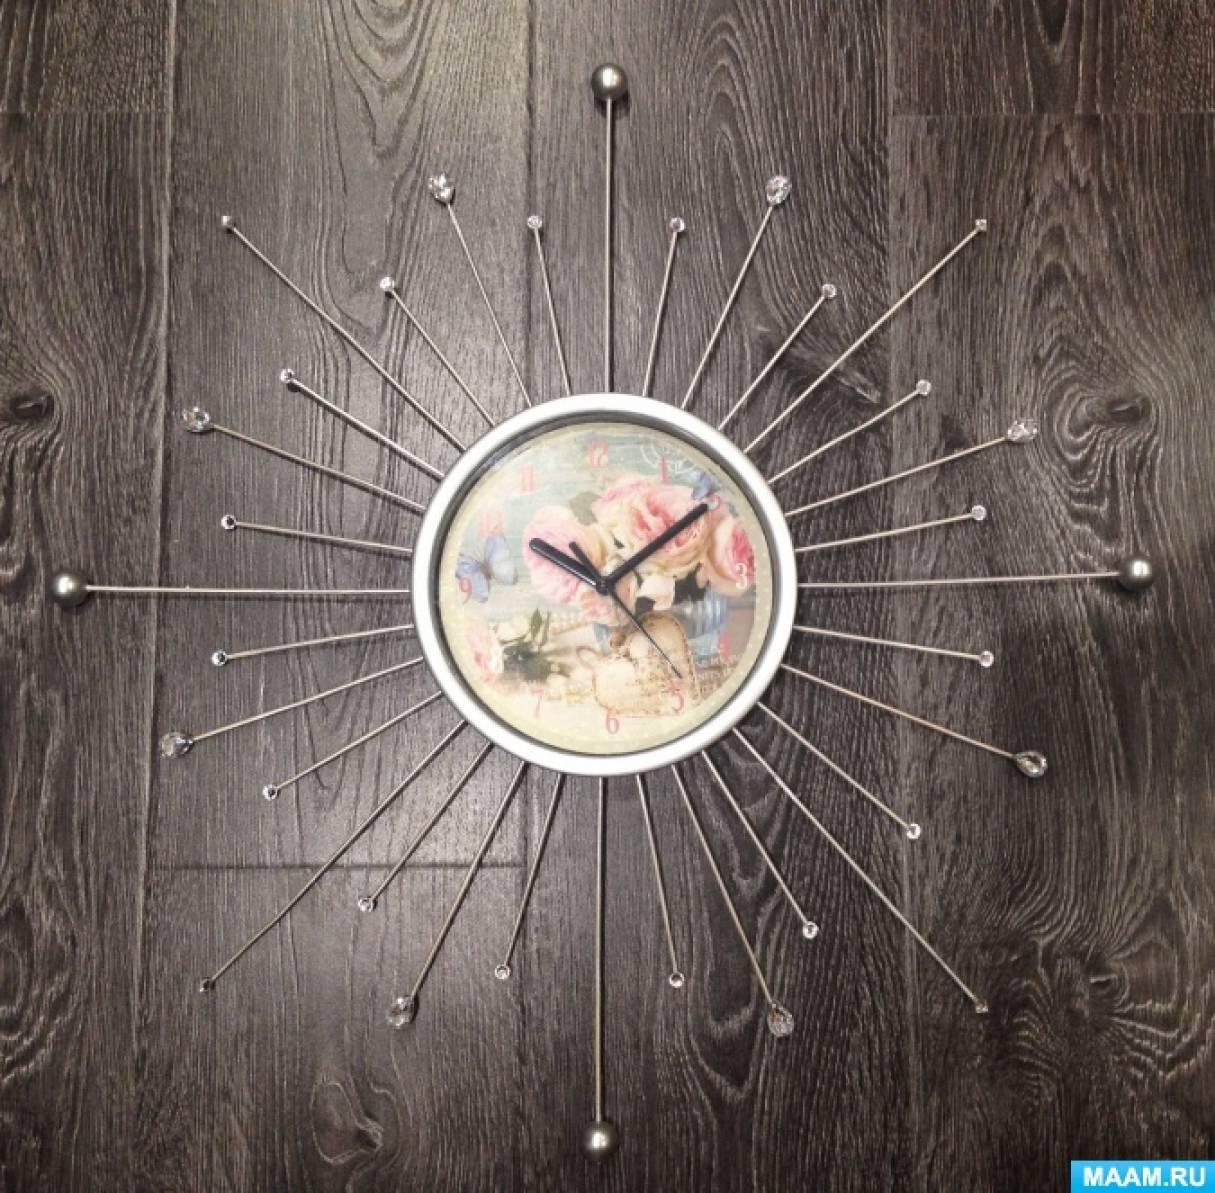 Мастер-класс «Декорирование часов»